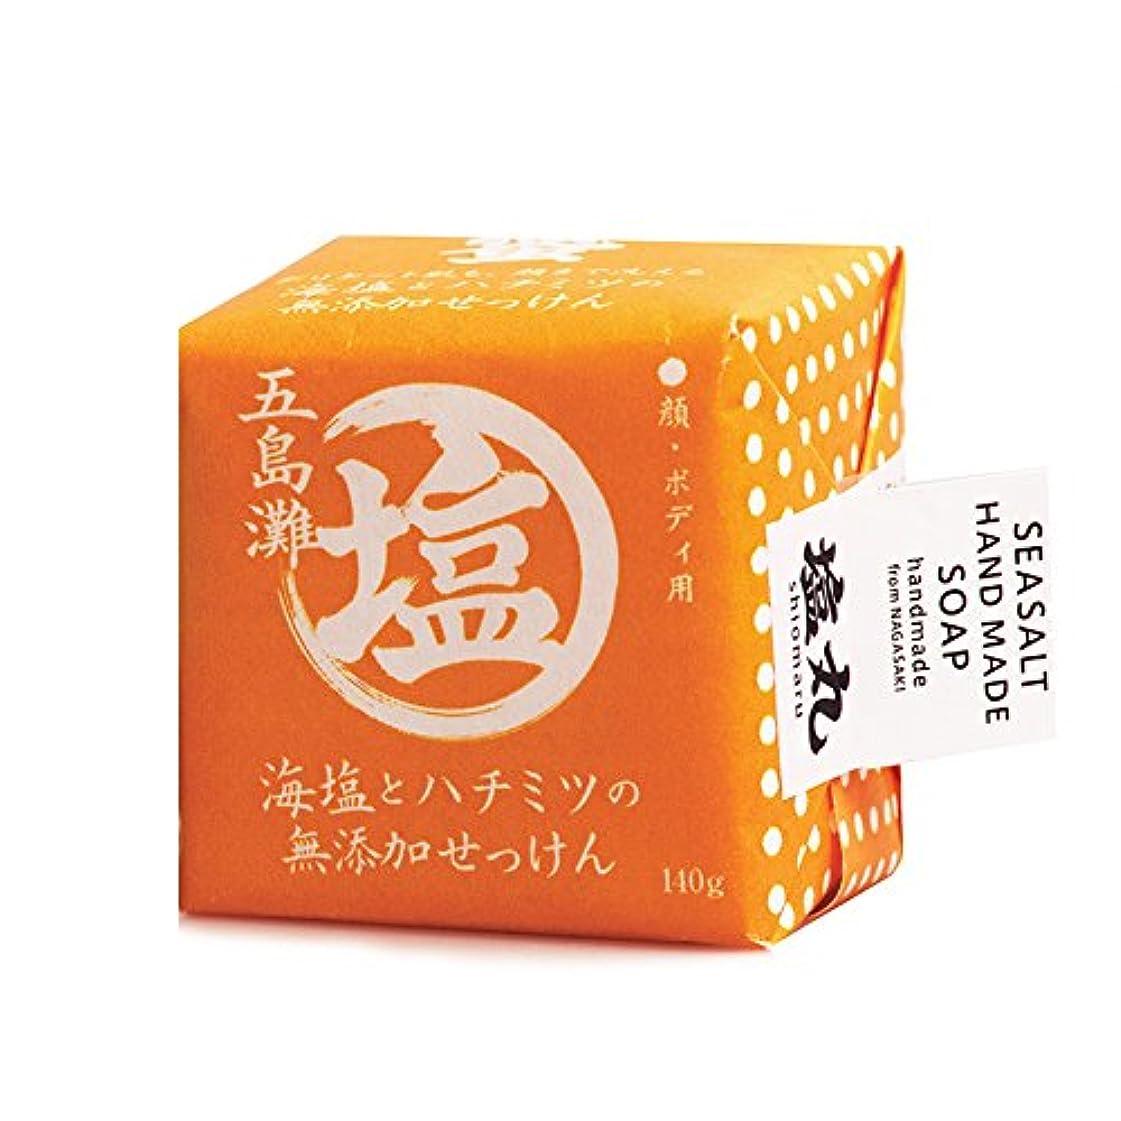 狭い飢えナット(塩丸)にがり入海塩の無添加せっけん/蜂蜜